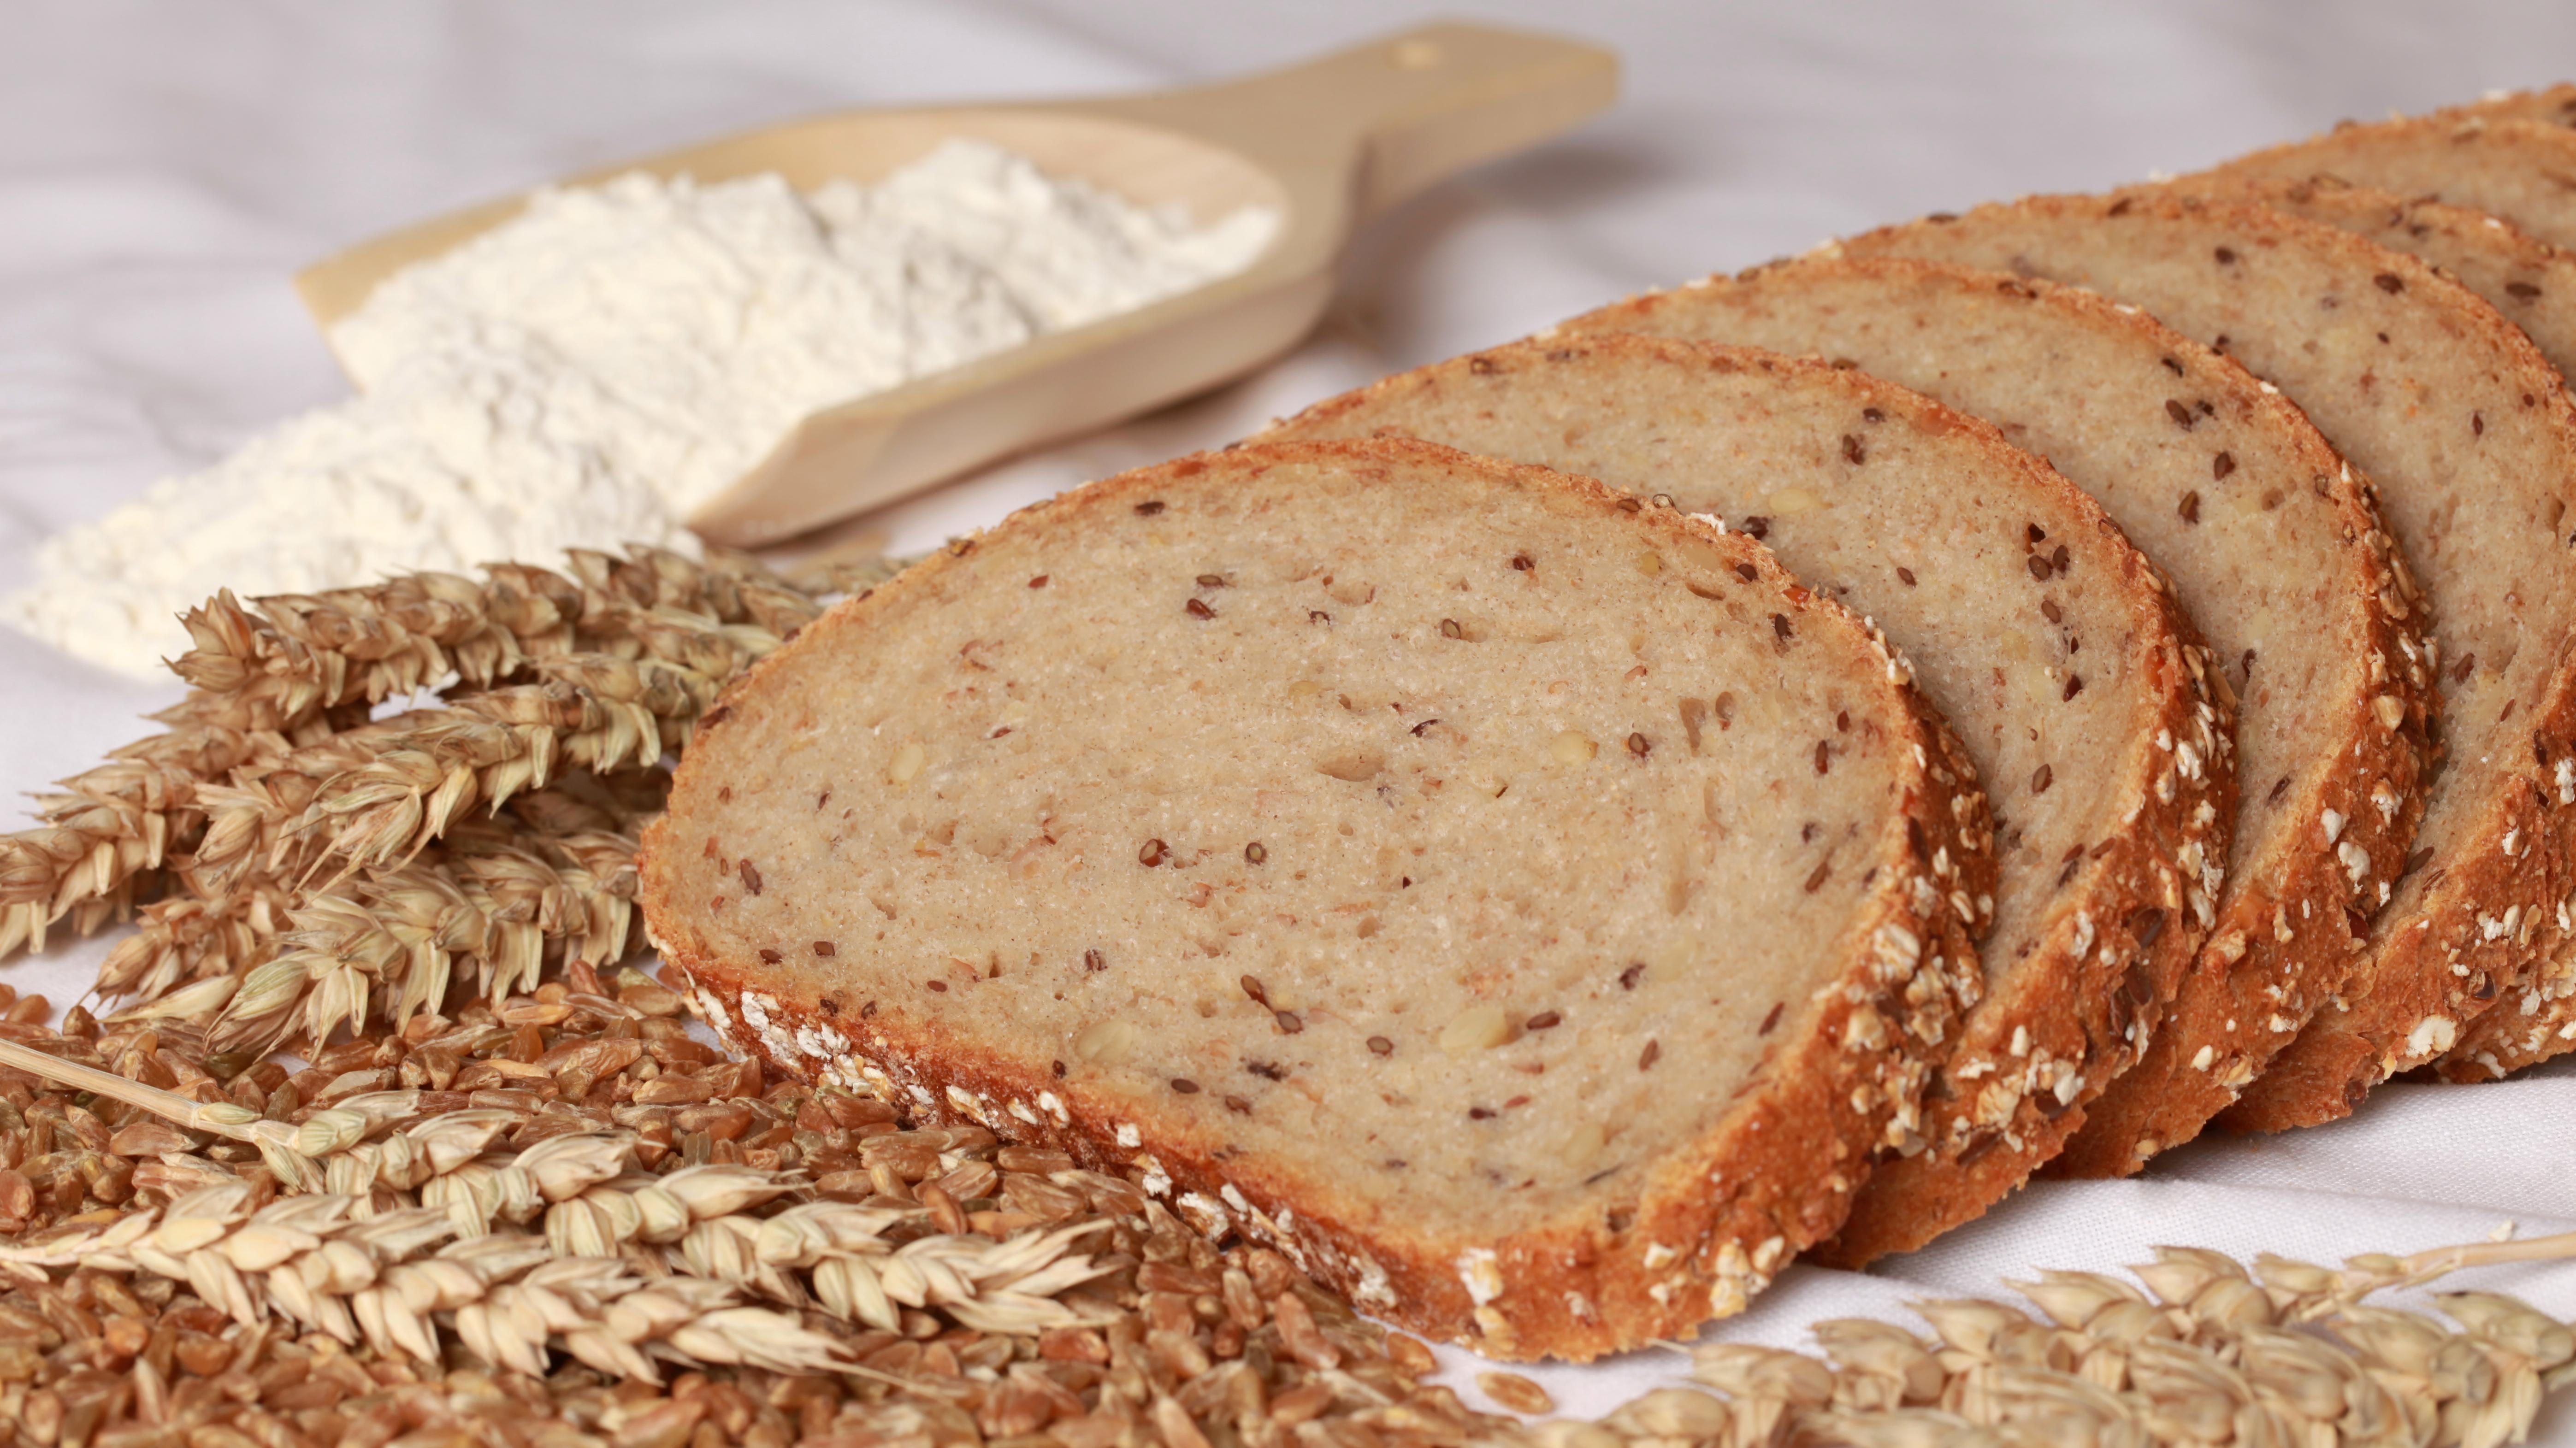 Mehrere Brotscheiben, Weizen, Getreidekörner, eine Schaufel mit Mehl.